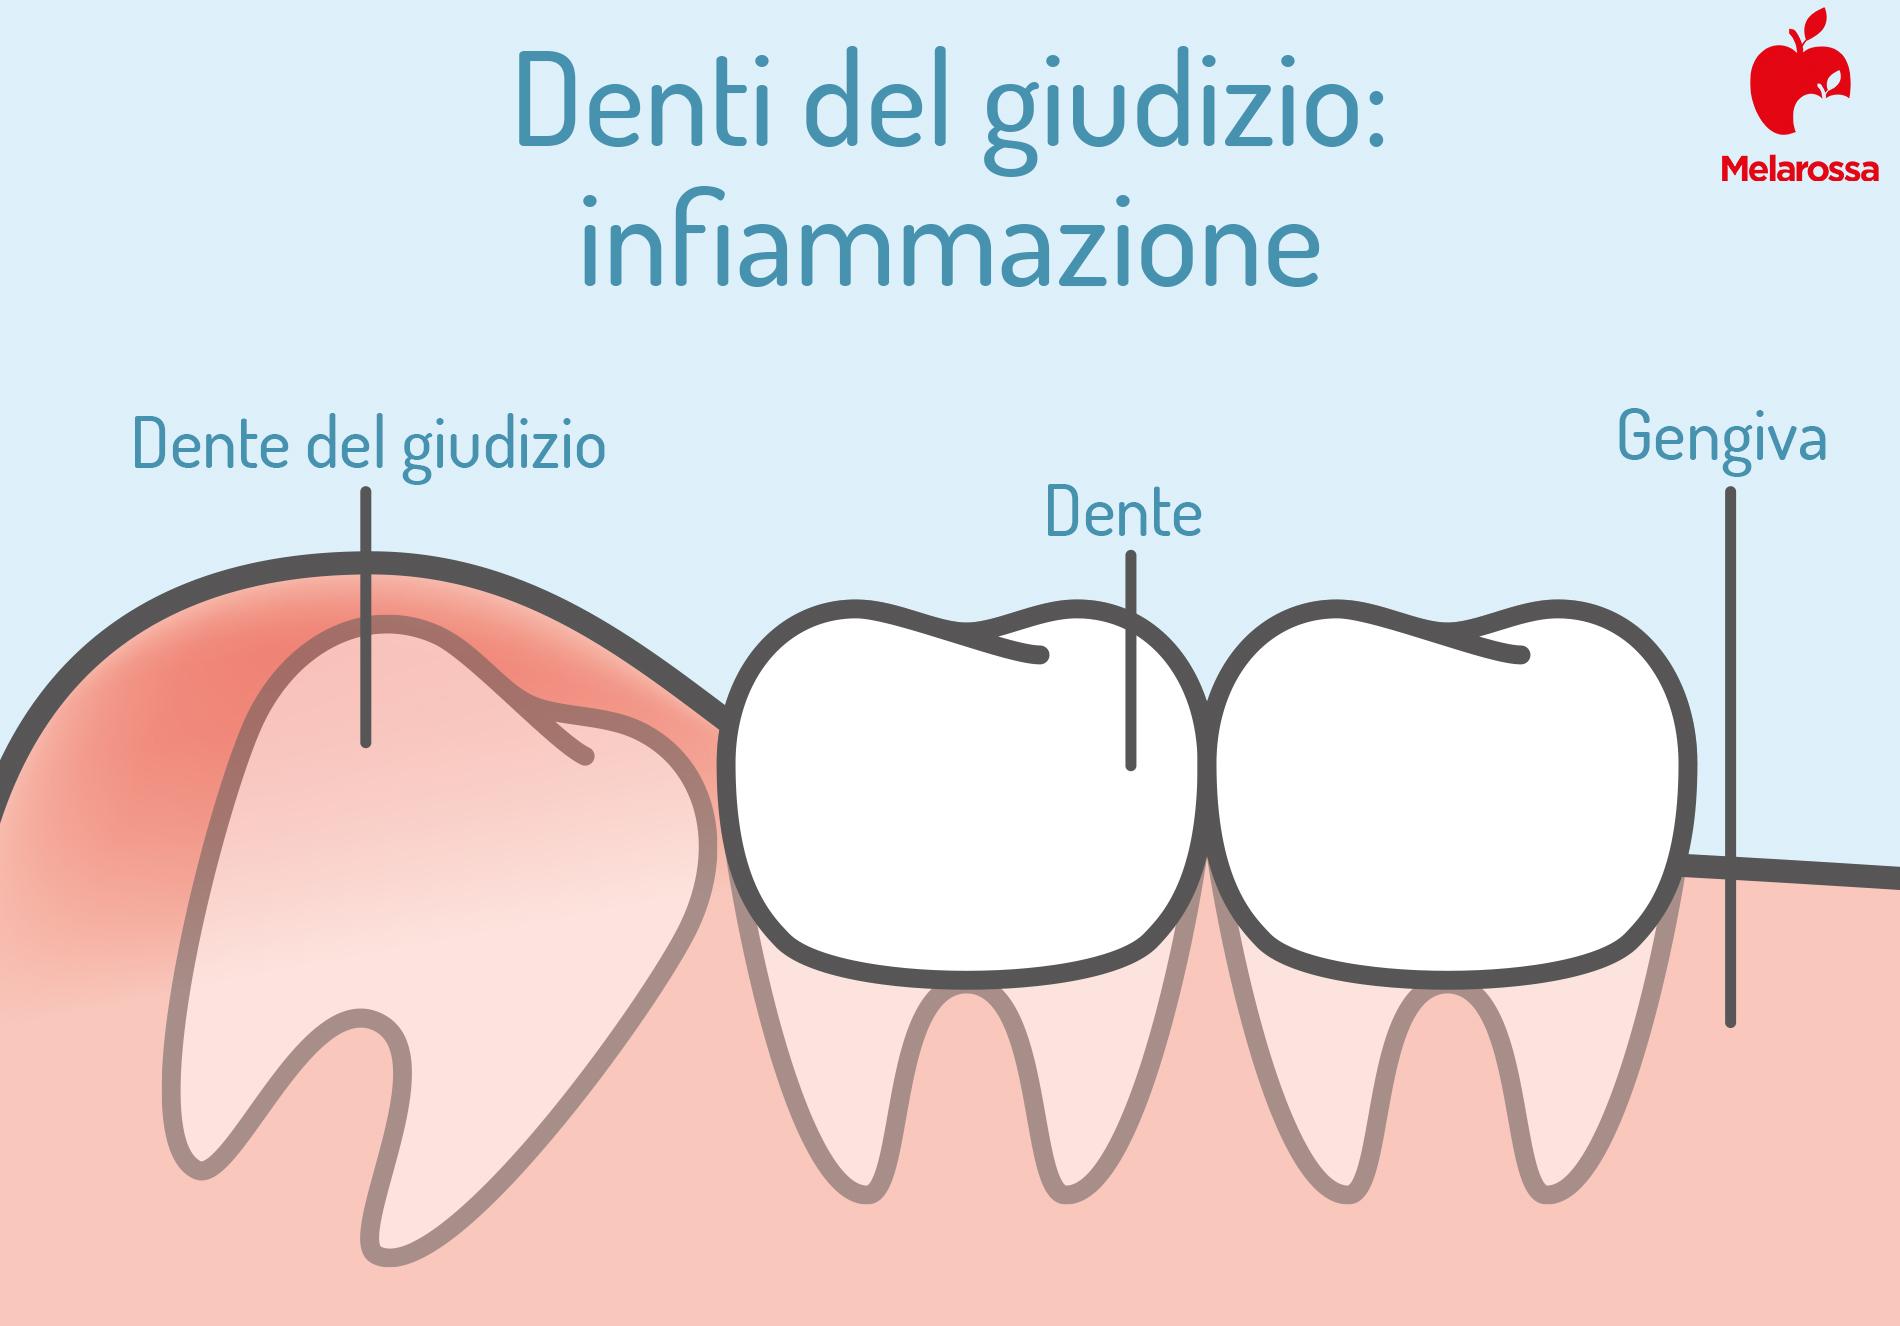 denti del giudizio: infiammazione